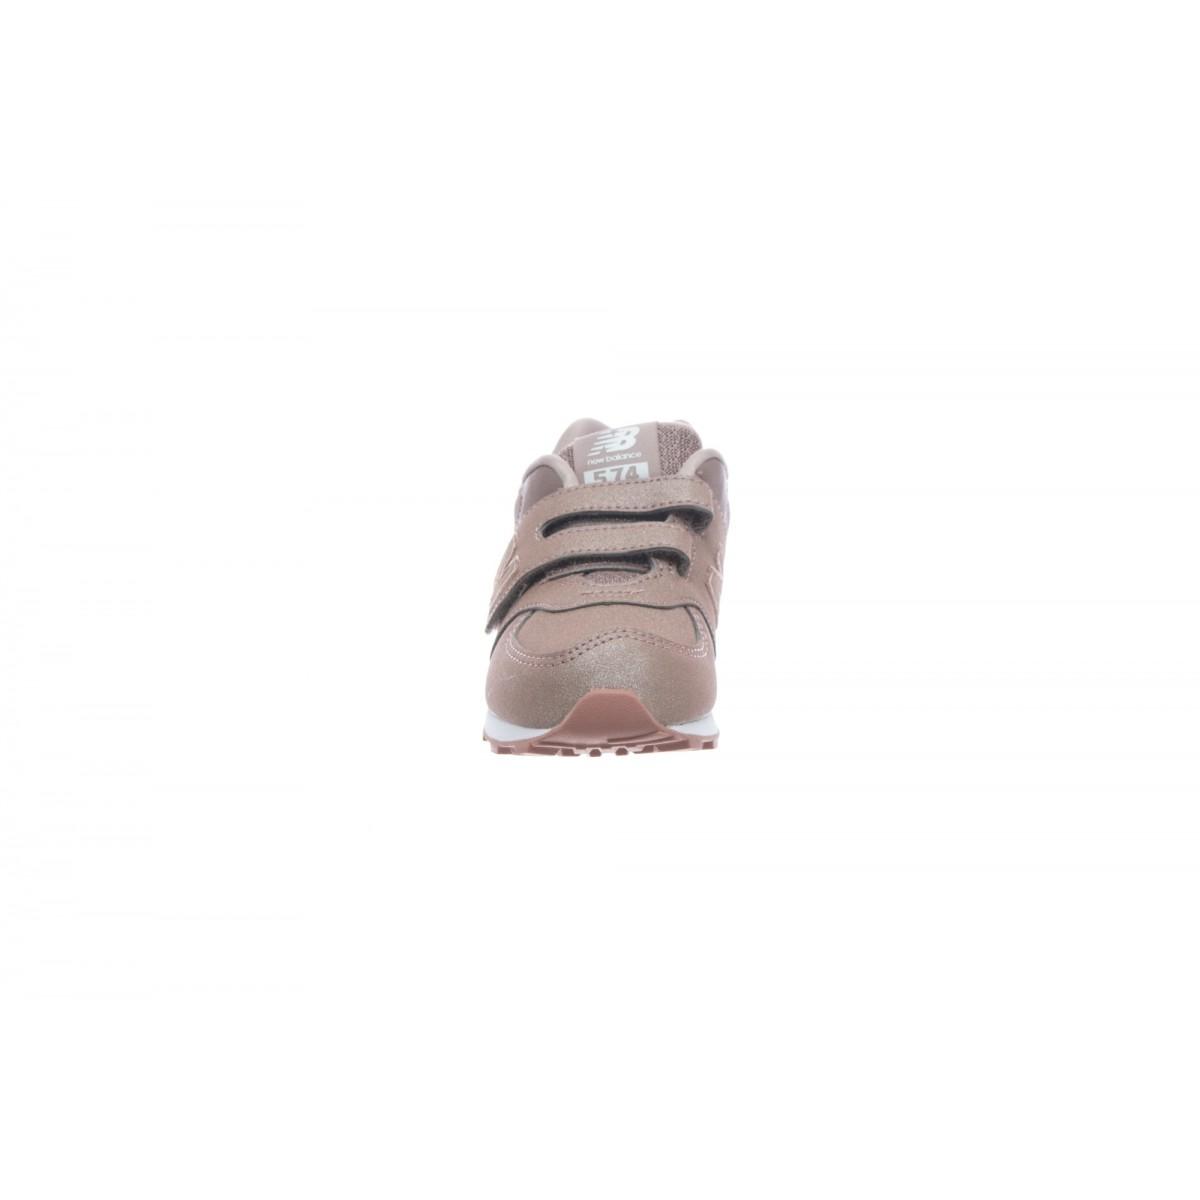 Scarpe - Yv574 laminata pre school